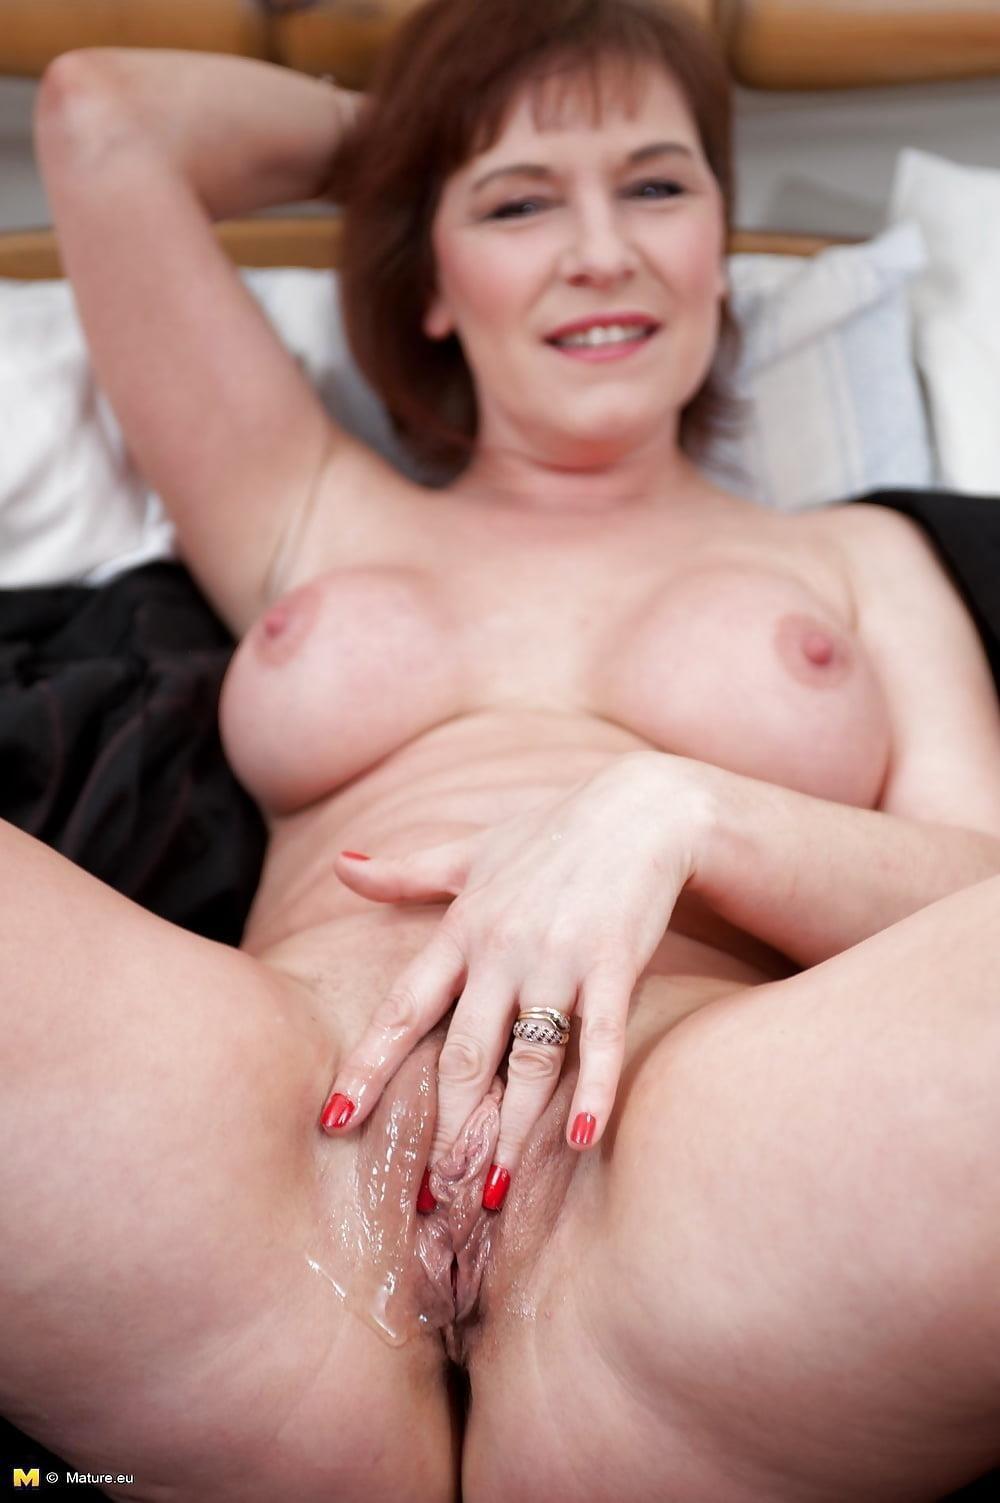 Mature eu nude pics-7718